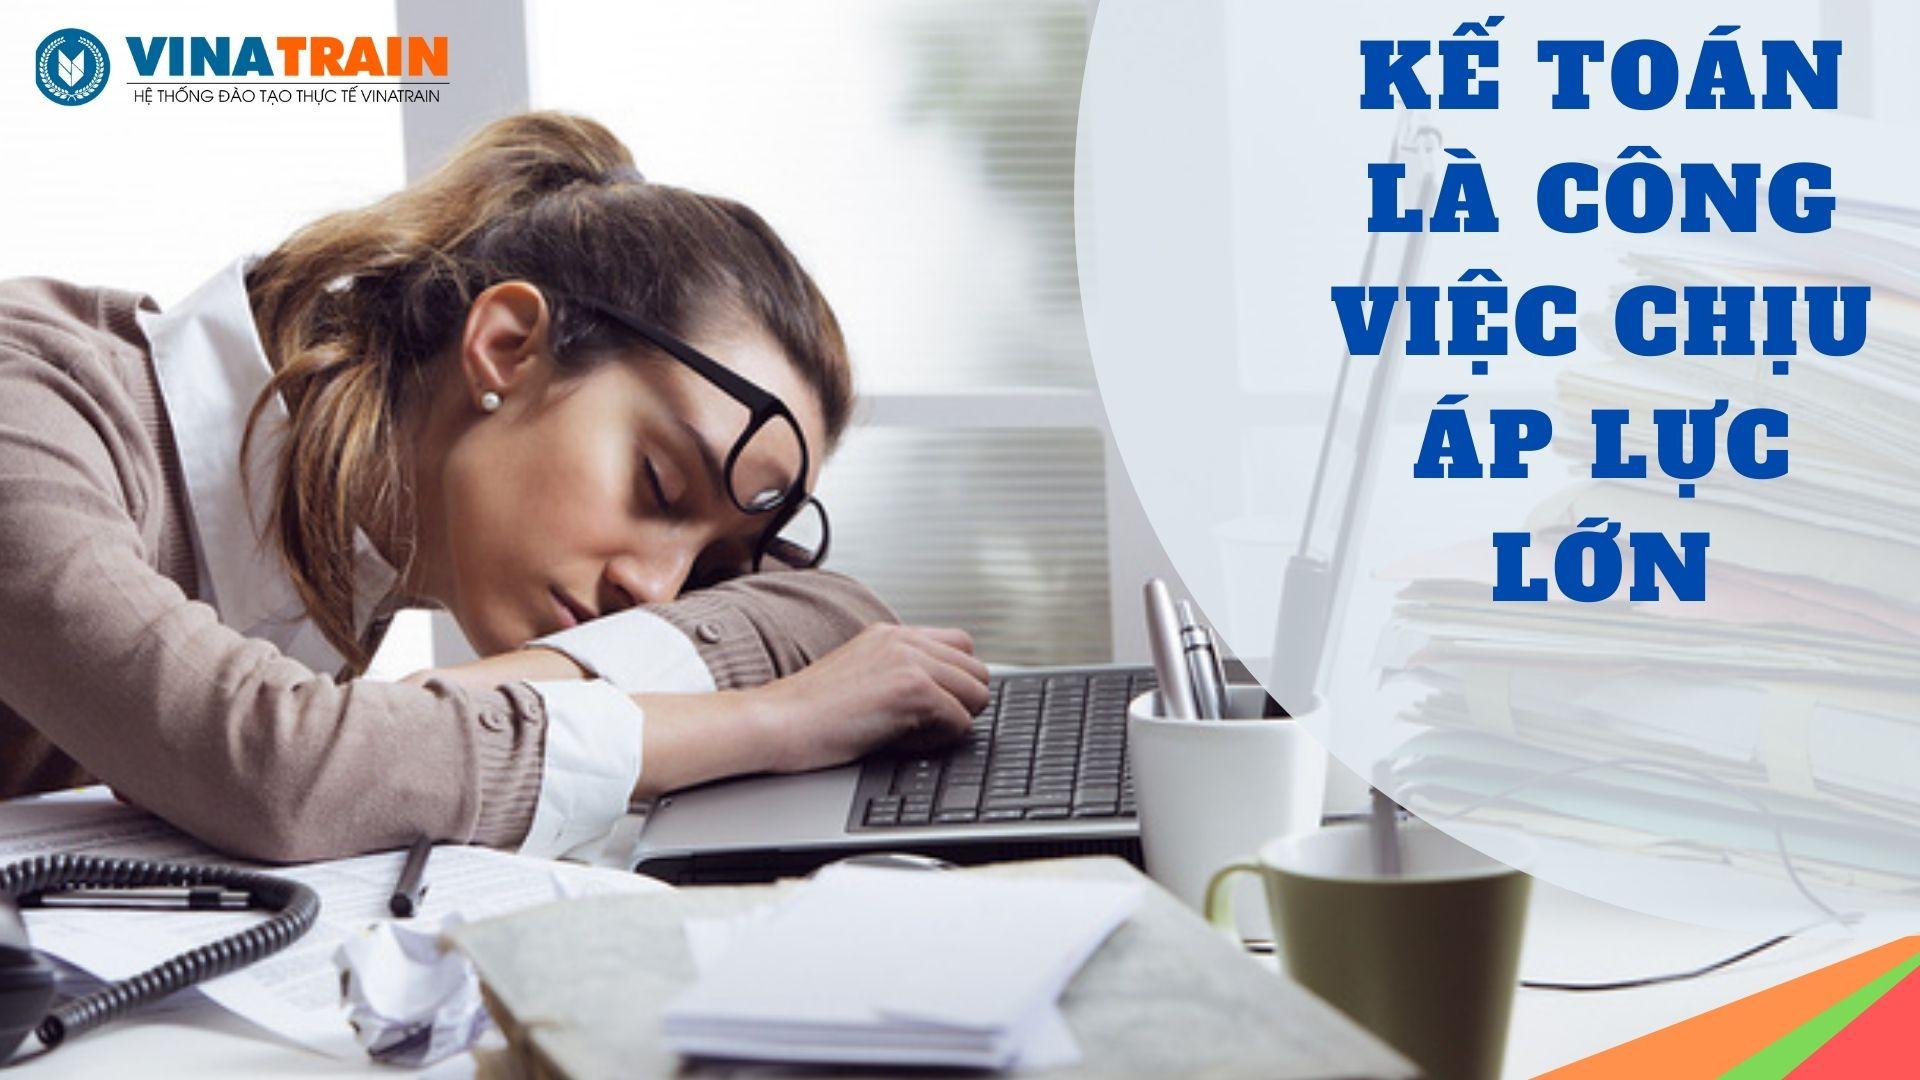 Xác định làm kế toán bạn sẽ phải chịu áp lực trong công việc rất lớn